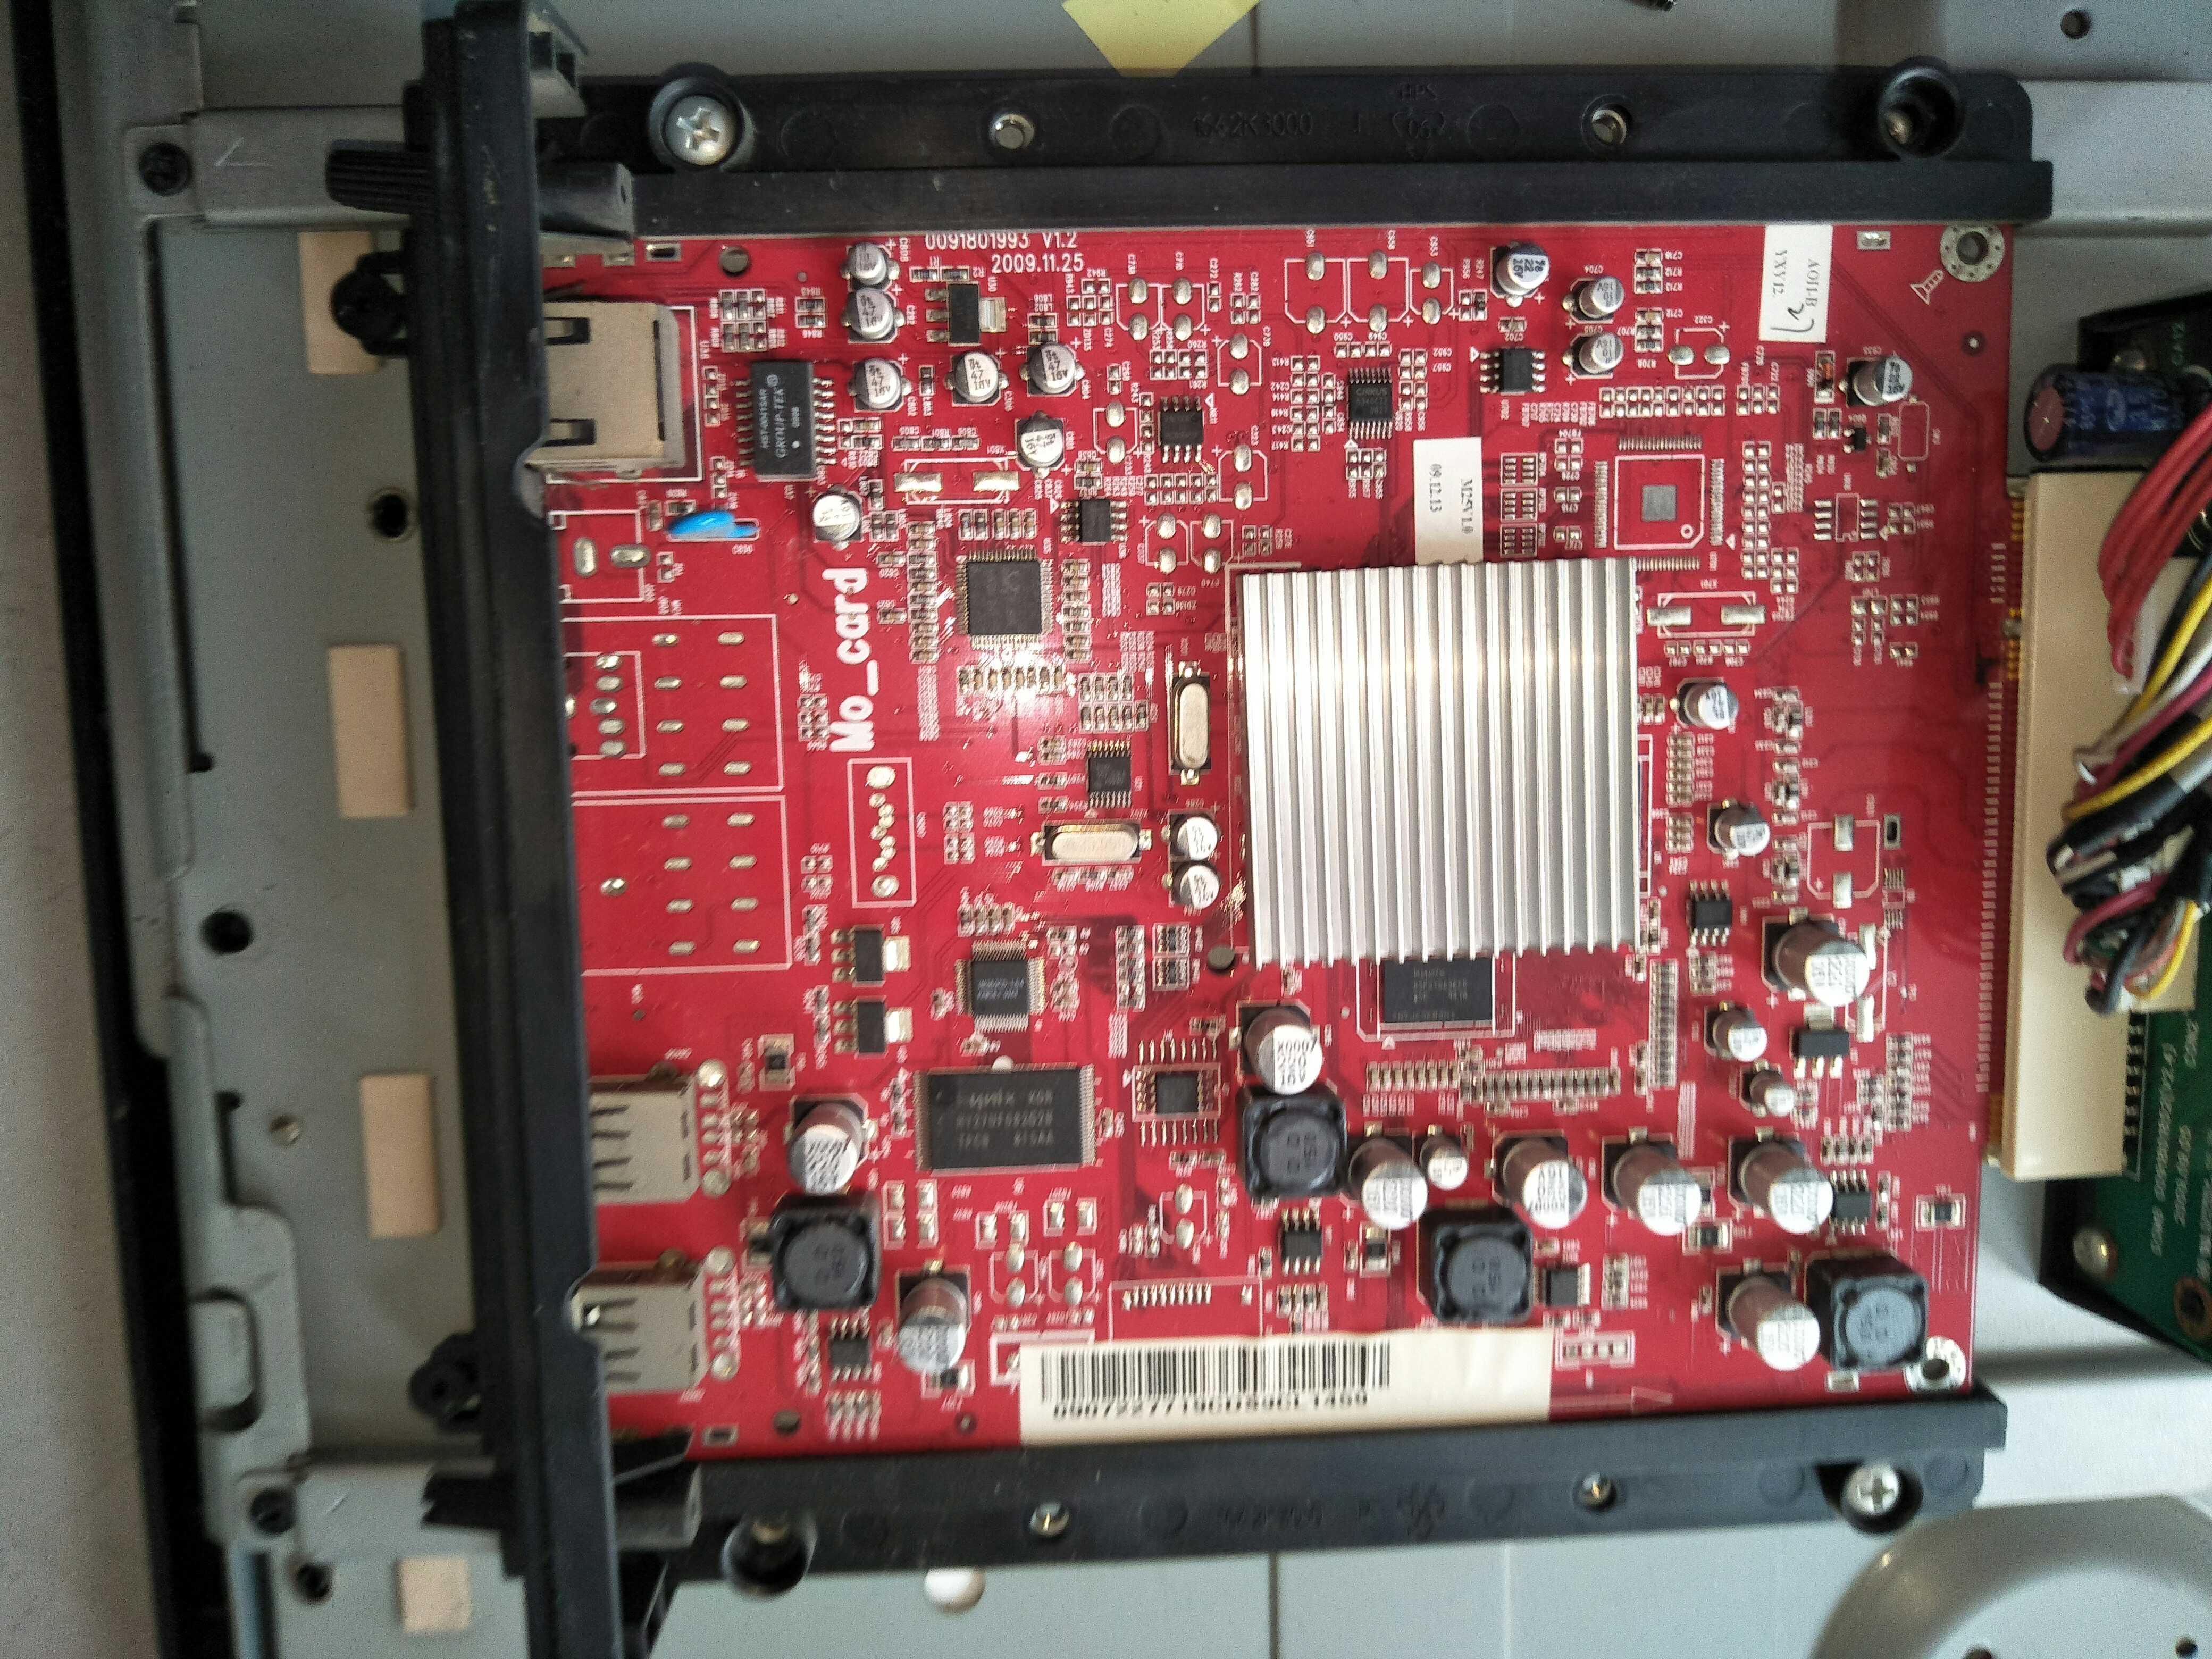 海尔LB46R3电视USB,网络模块0091801993 V1.2 0091801852(V2.4)